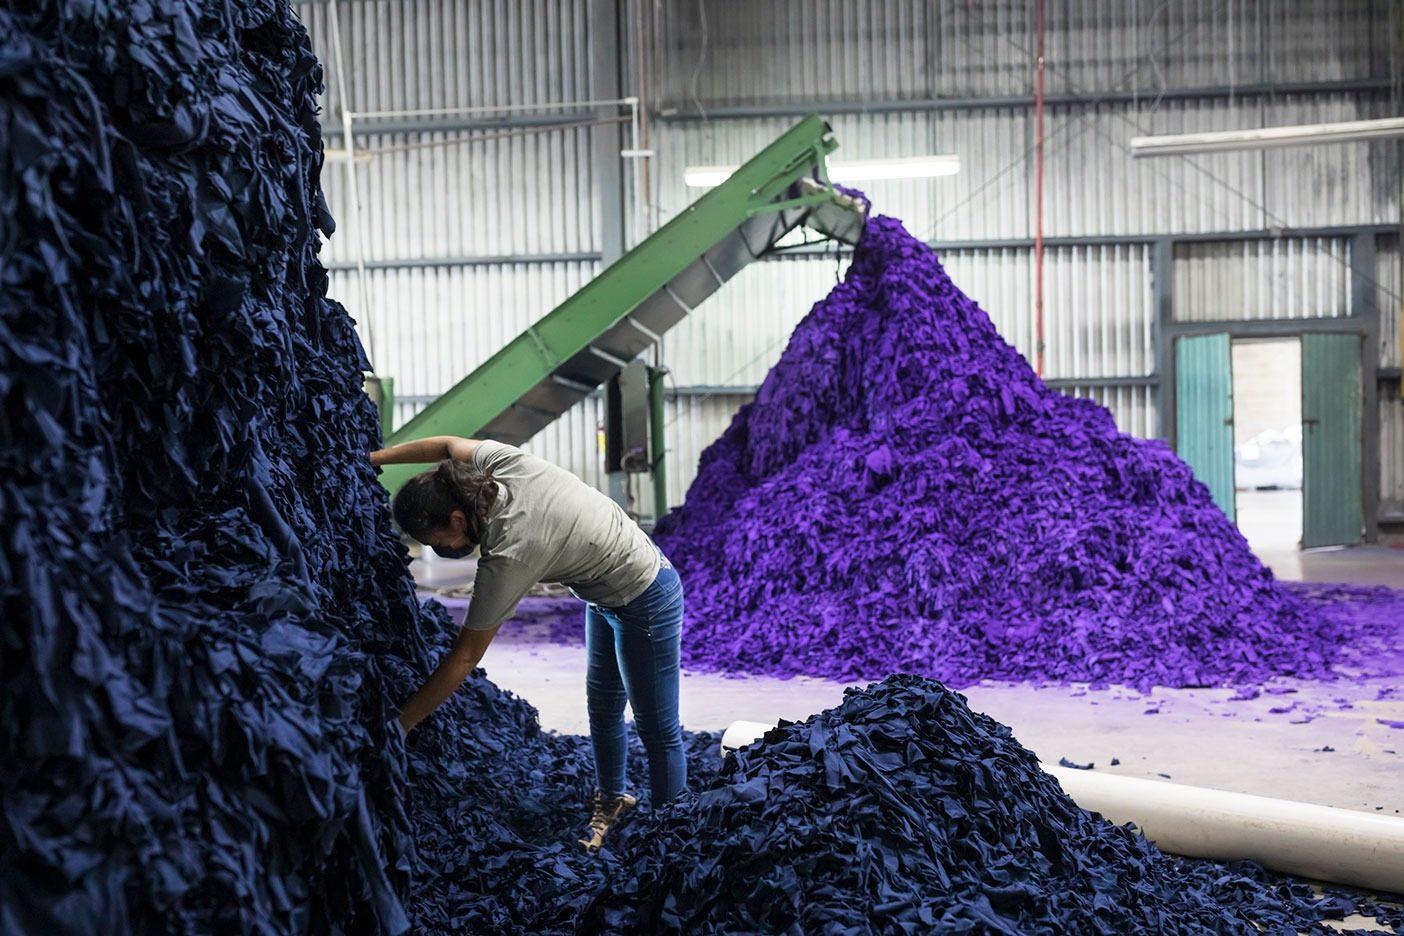 メキシコのメリダにあるジオテックス社の工場では、製造段階で回収された端切れから、パタゴニアのためにリサイクル・コットンの糸を製造する。Photo: KERI OBERLY